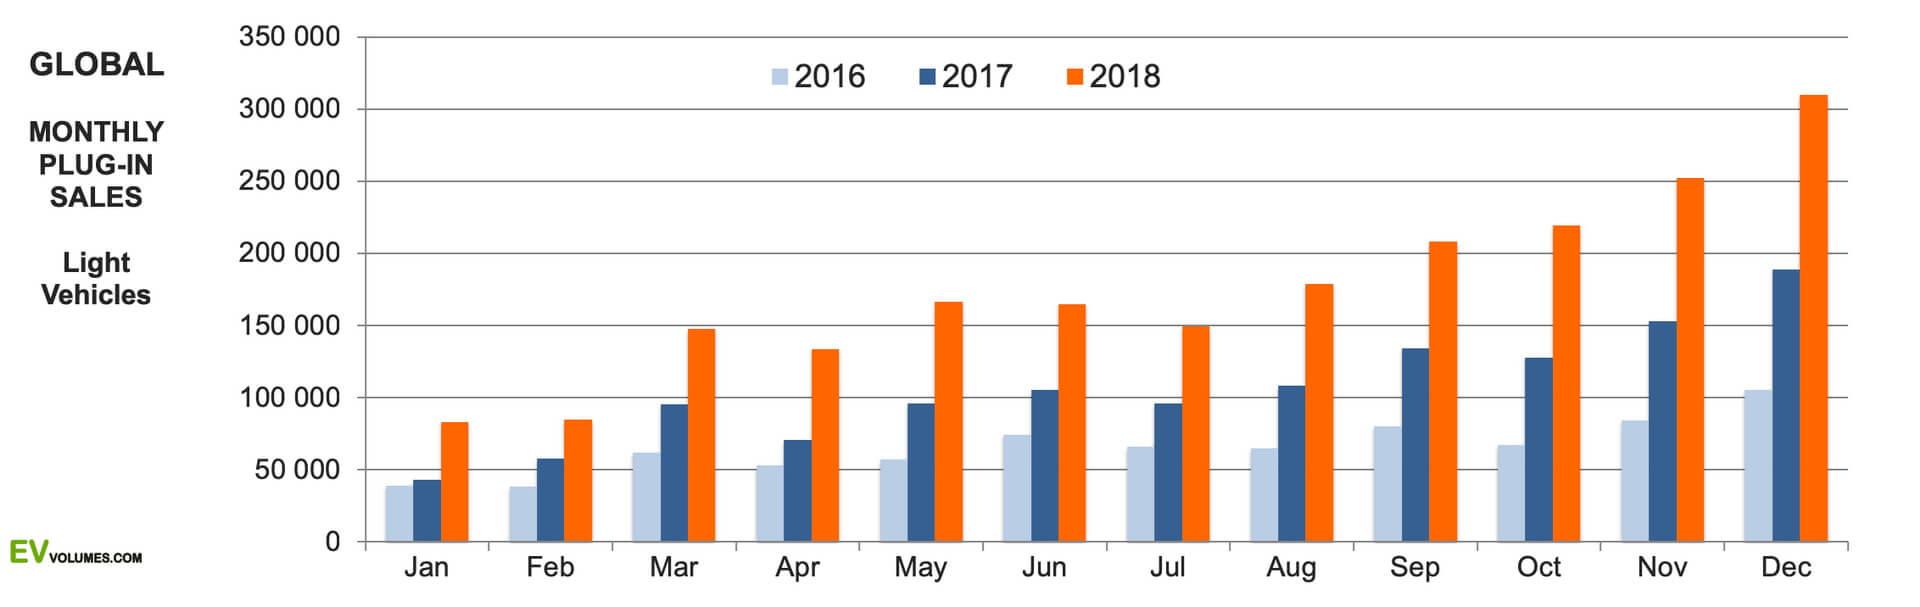 Глобальные ежемесячные продажи электромобилей и плагин-гибридов в 2016-2018 годах